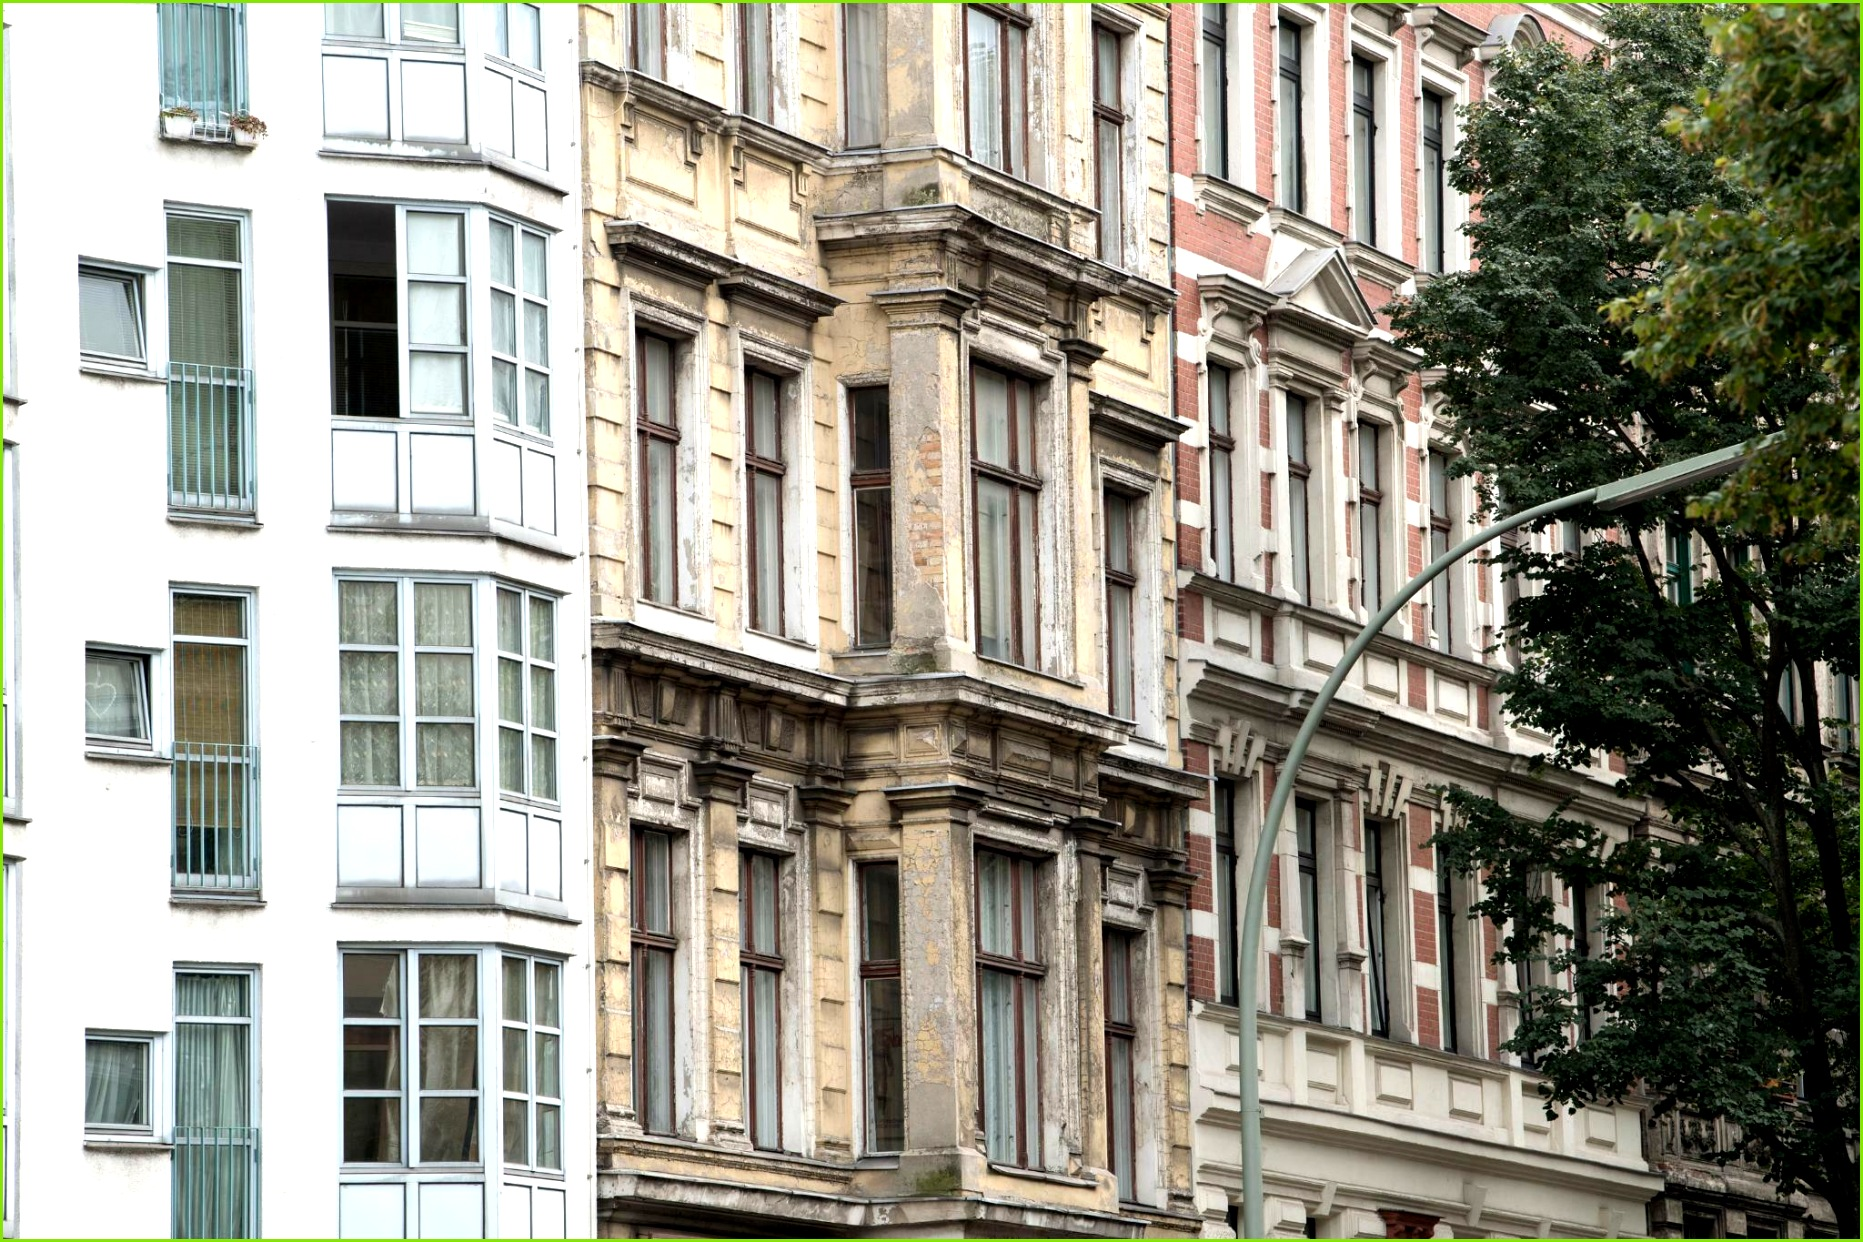 Wohnen in Berlin wird immer teurer natürlich auch in Kreuzberg